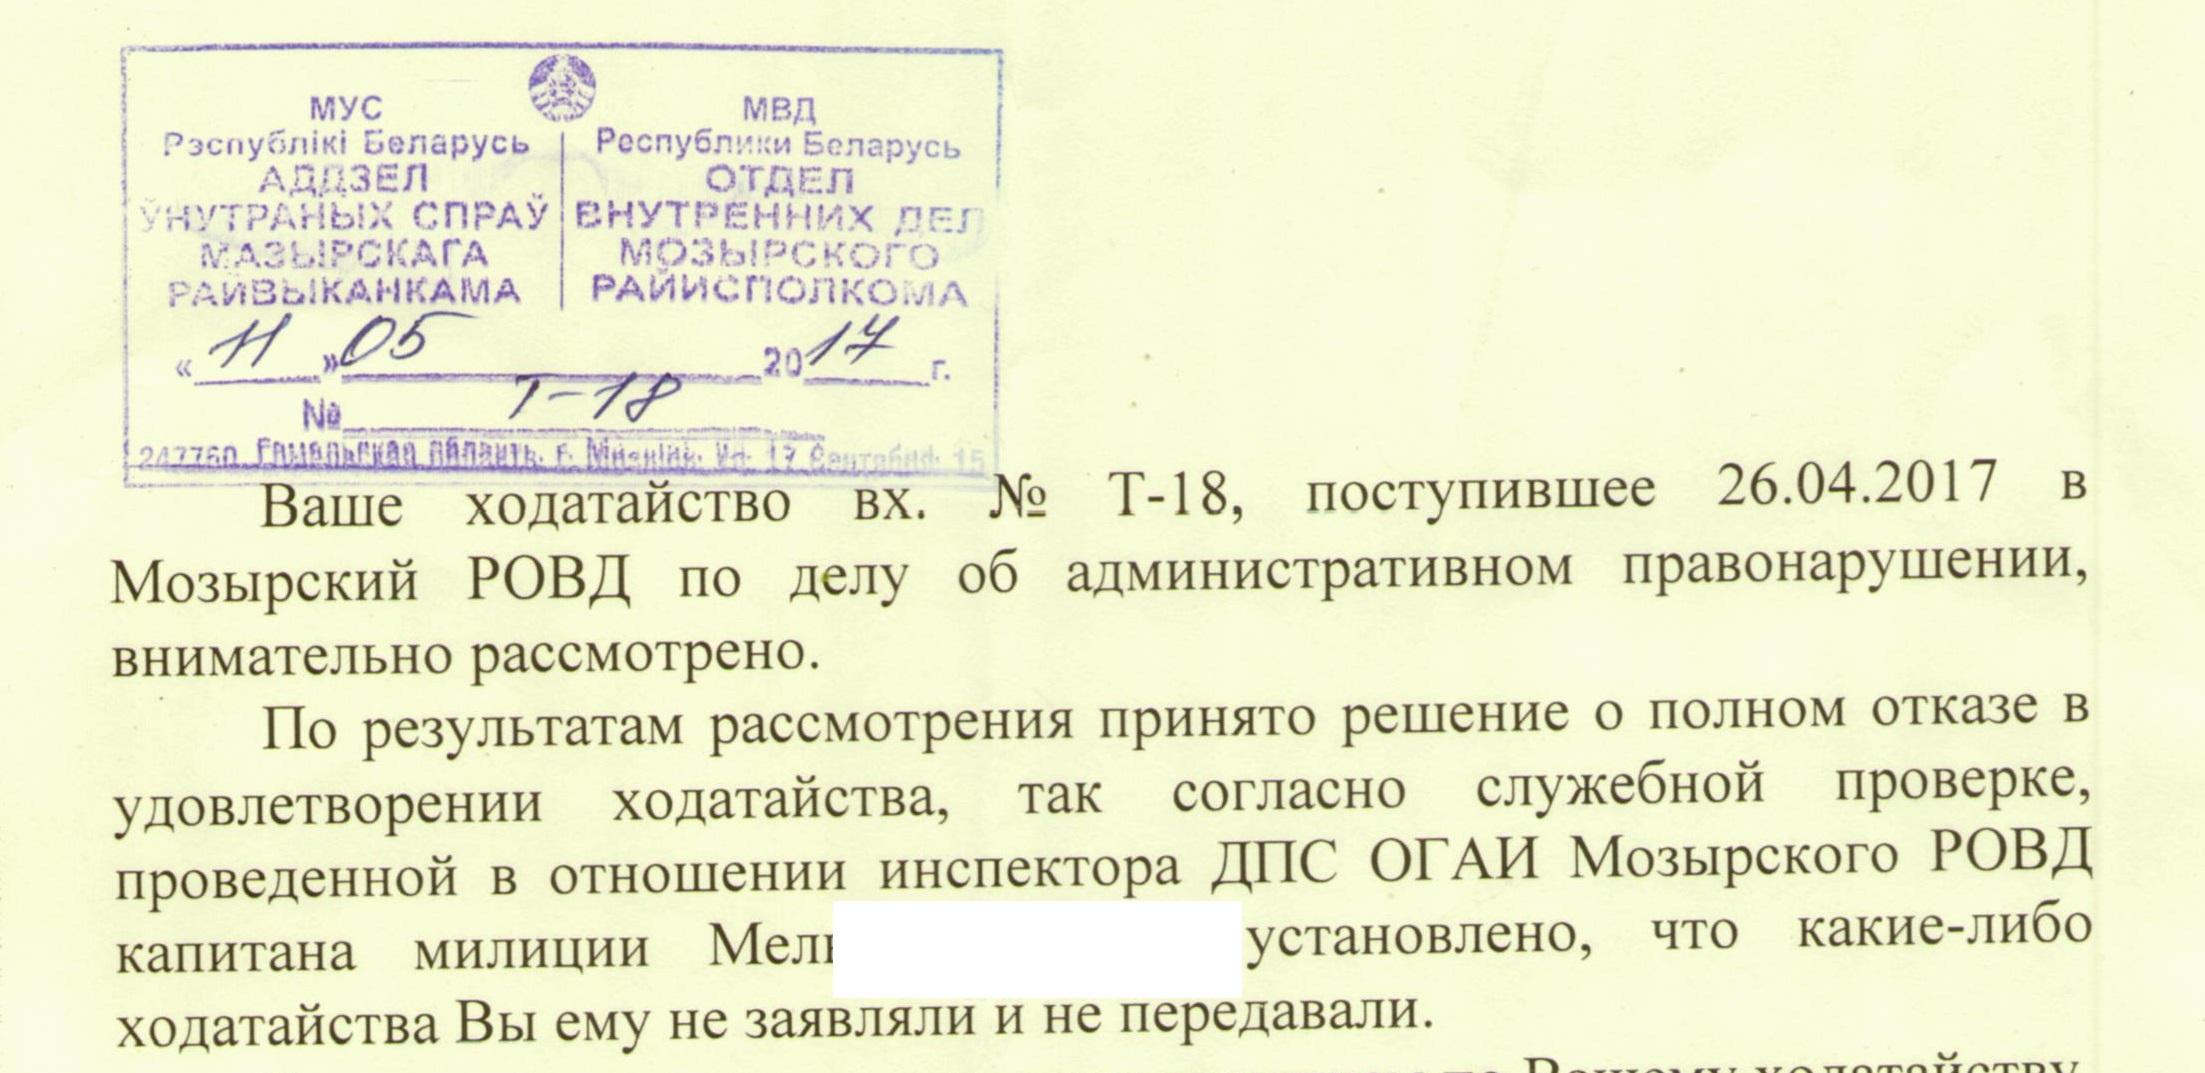 ответ по ходатайству инспектора ОГАИ Мозырского РОВД Мельченко